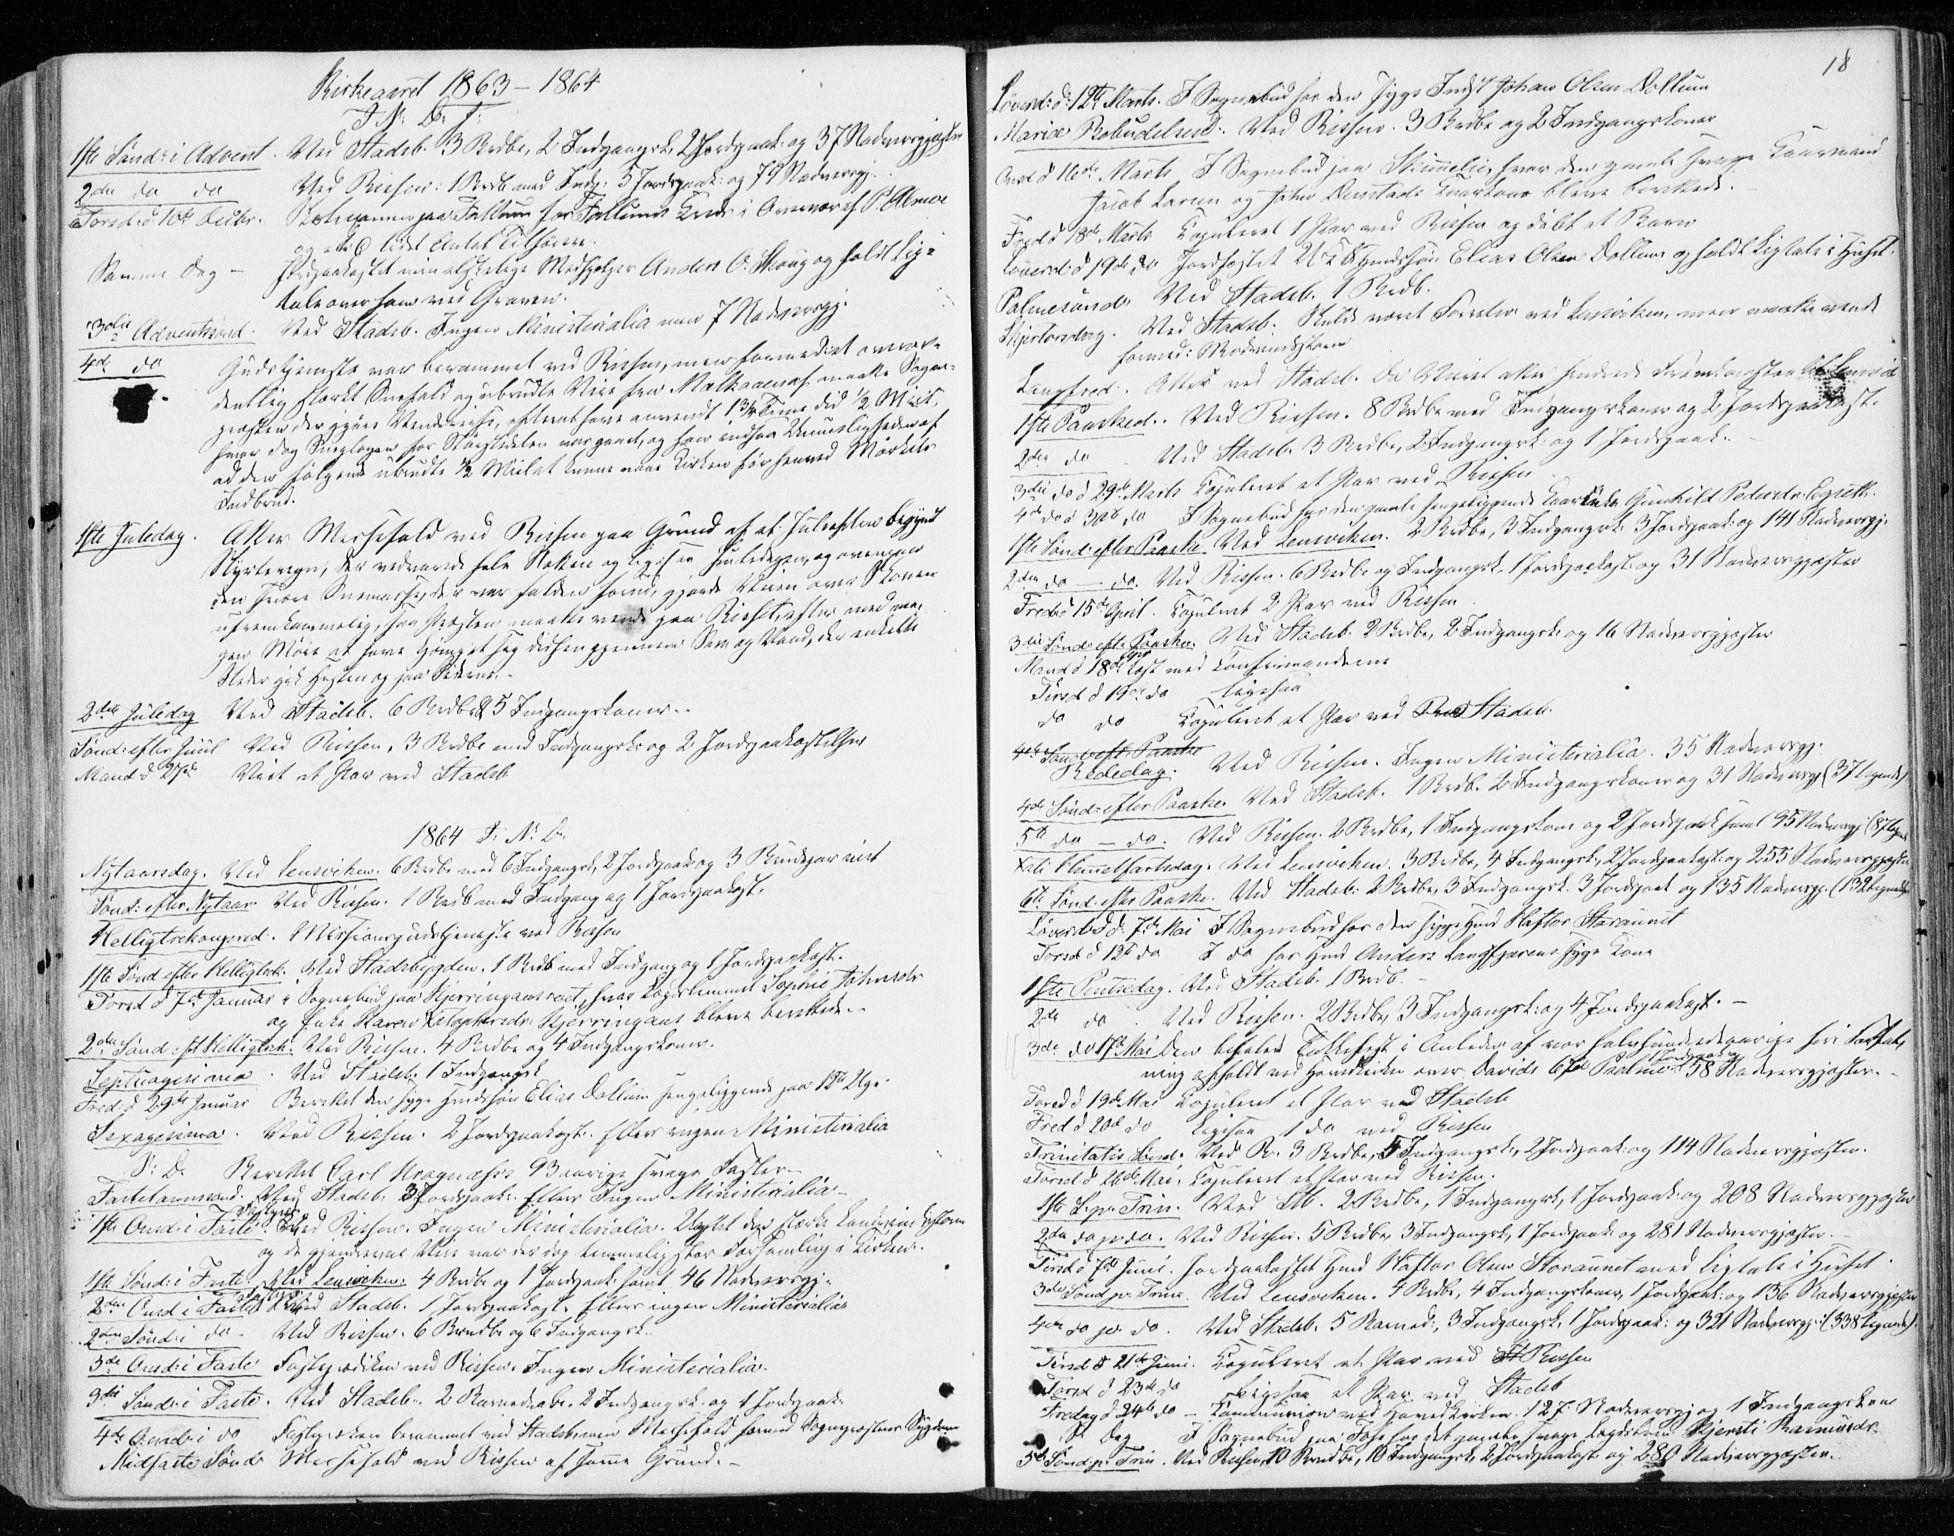 SAT, Ministerialprotokoller, klokkerbøker og fødselsregistre - Sør-Trøndelag, 646/L0612: Ministerialbok nr. 646A10, 1858-1869, s. 18